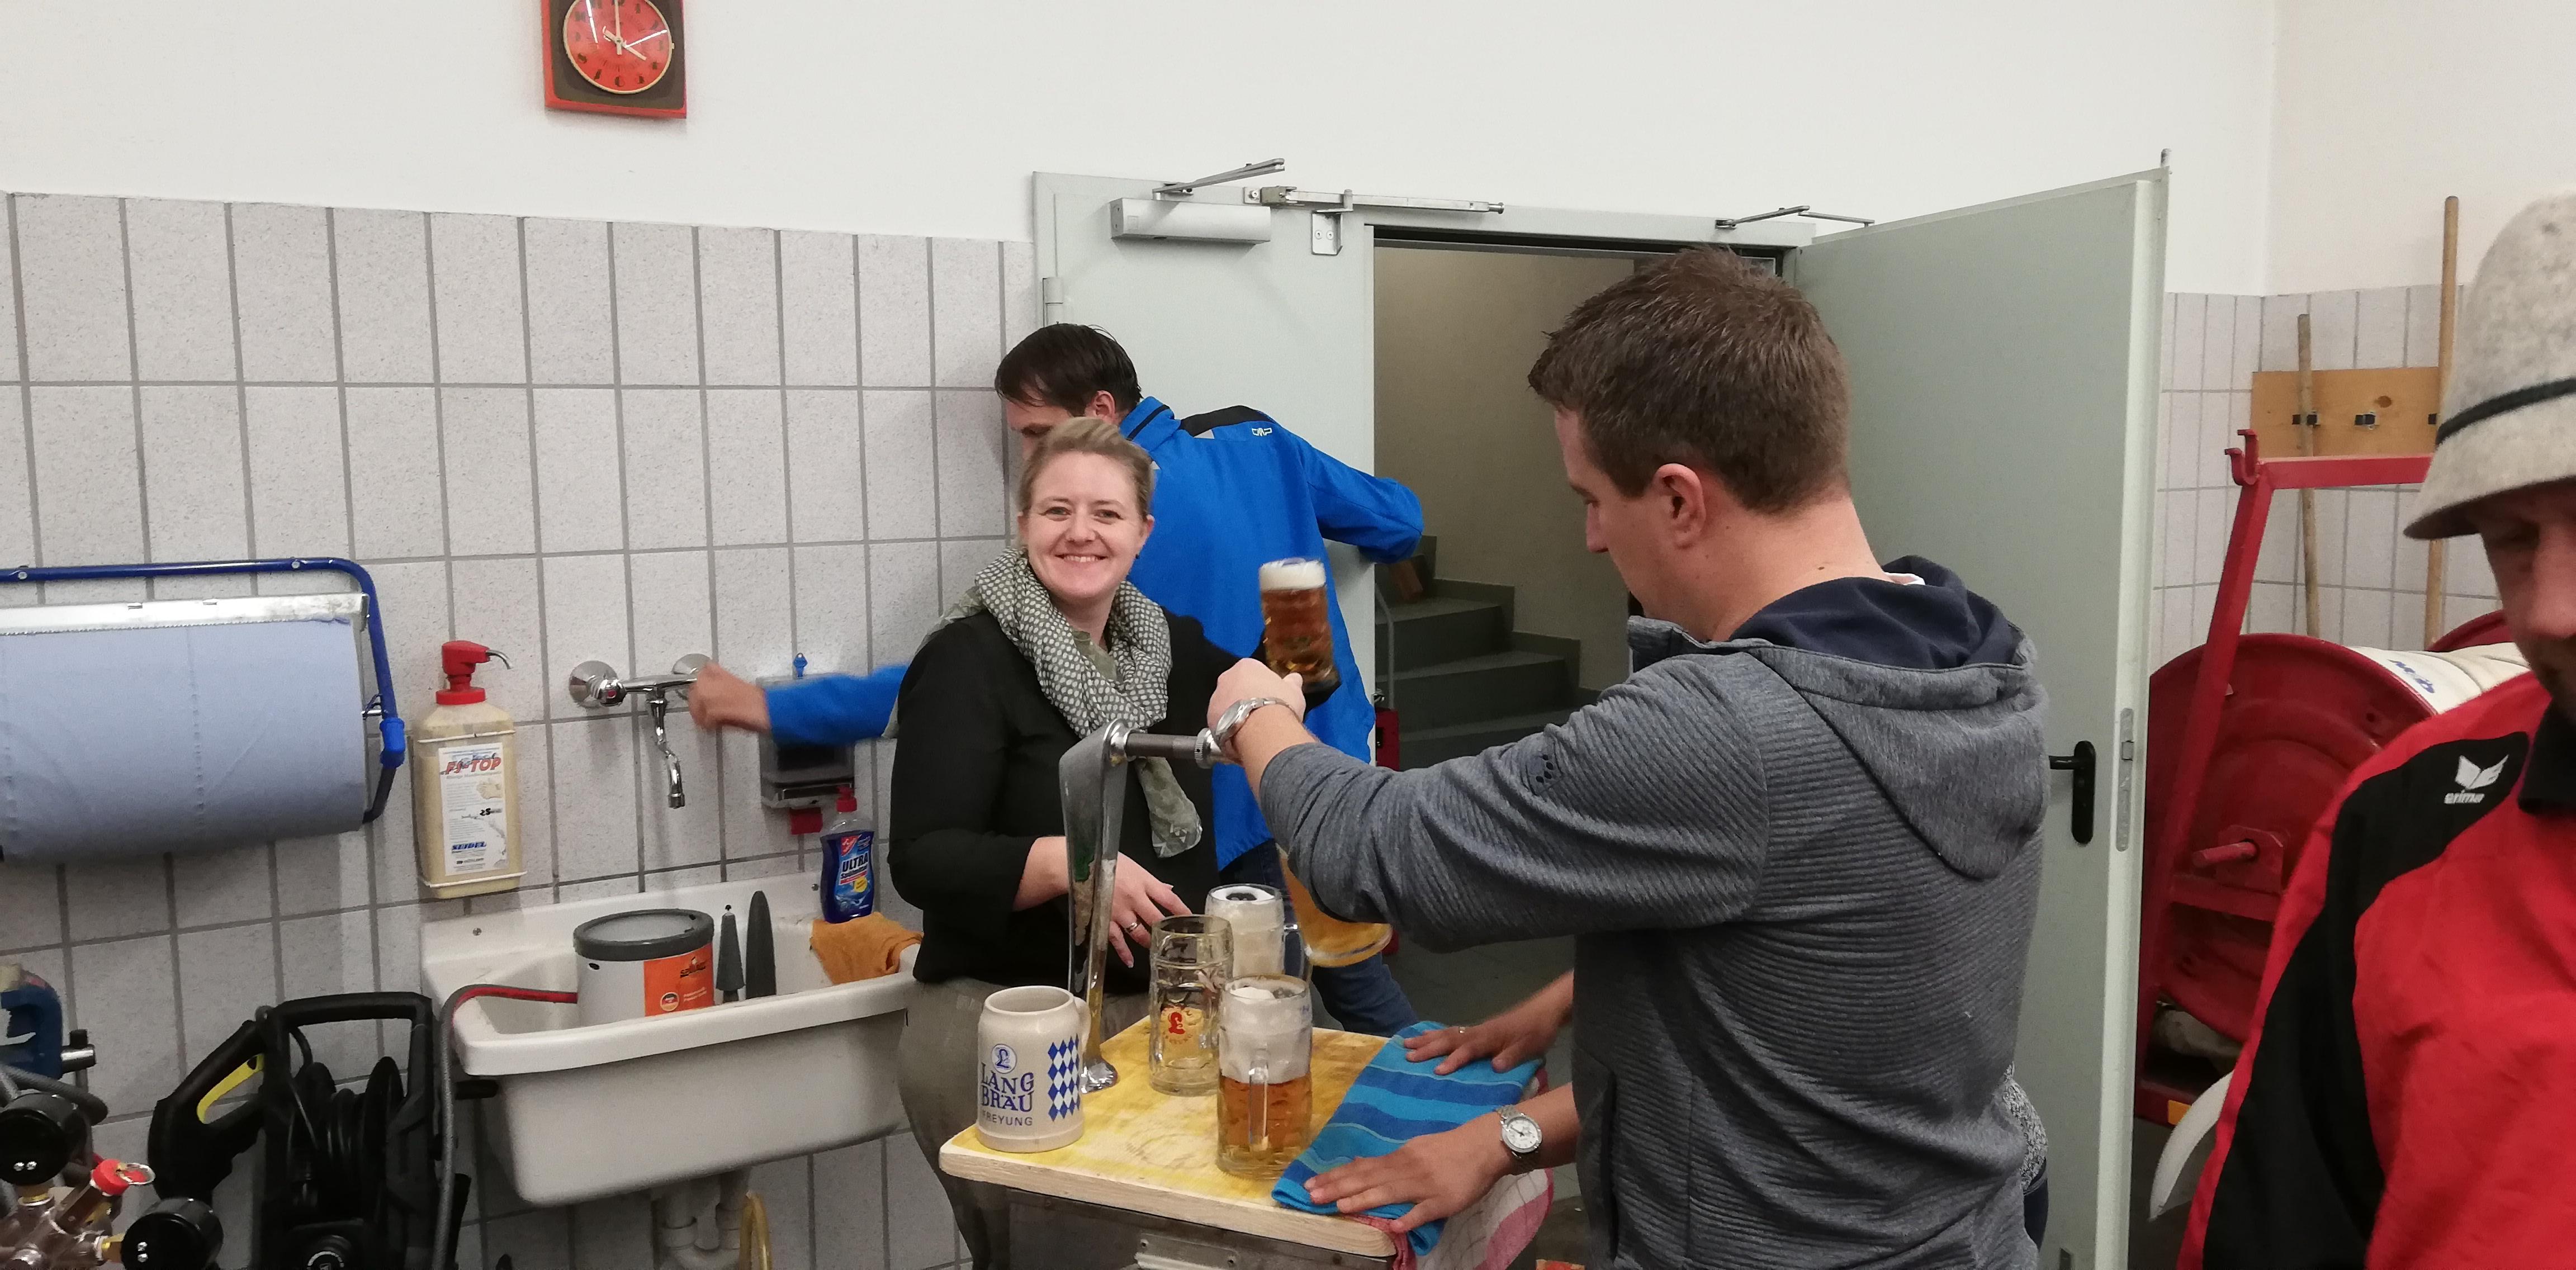 Grillfest 2018 - Frisch gezapft schmeckt´s am besten!